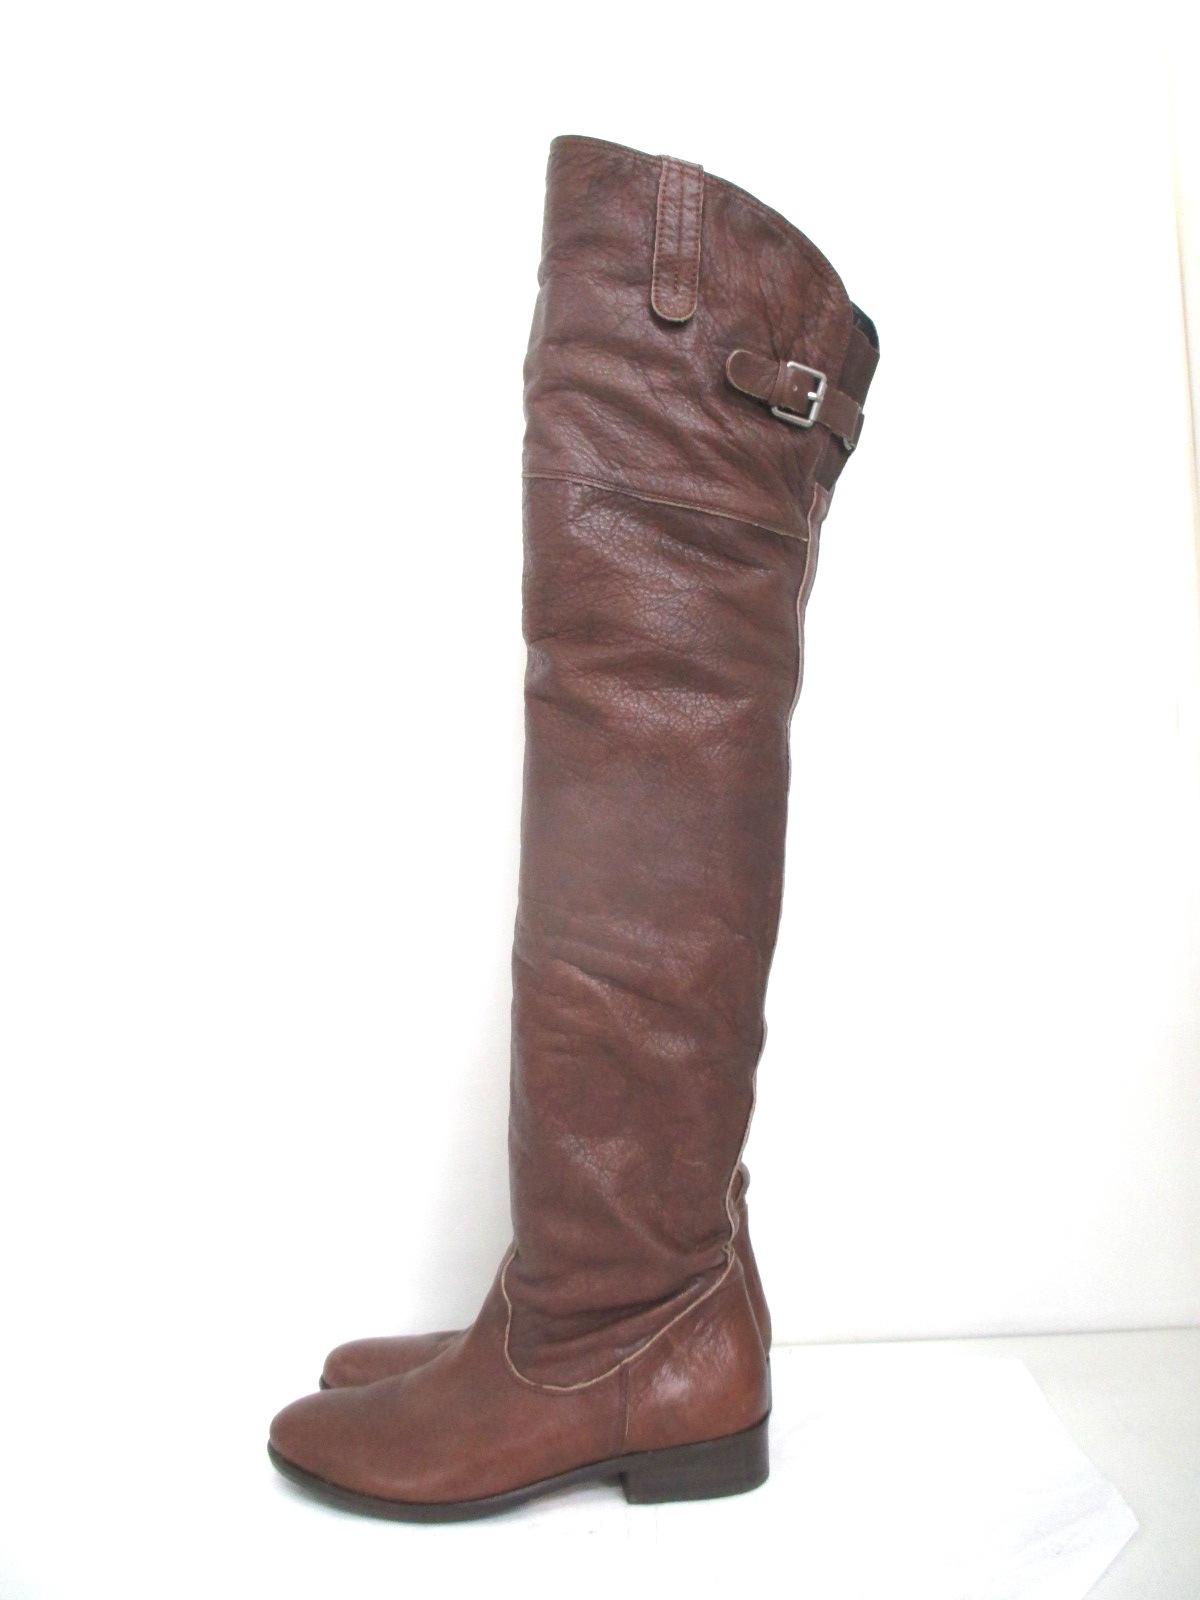 Dolce Vita(ドルチェヴィータ)のブーツ